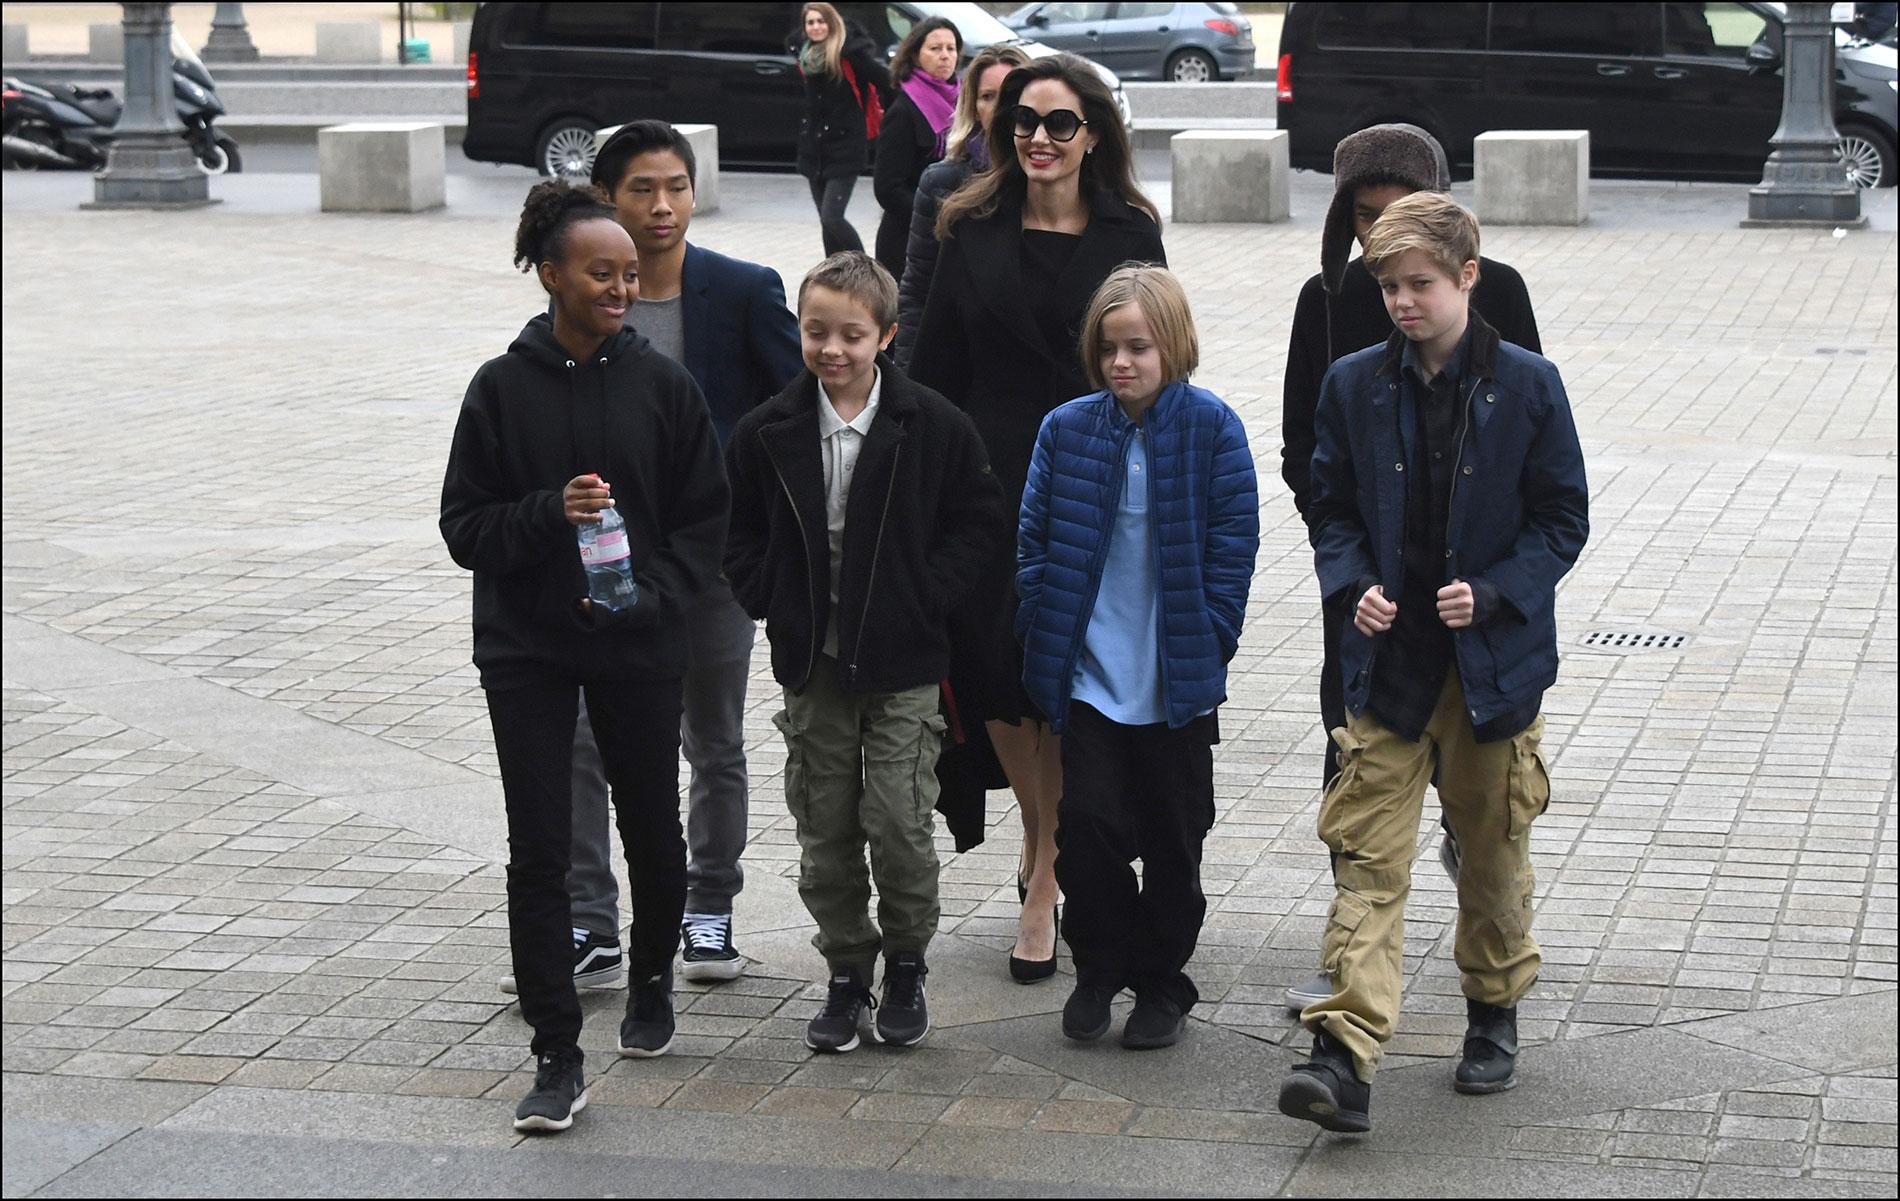 Junto a sus hijos Maddox,Pax, Zahara, Shiloh y los mellizos Knox y Vivienne.